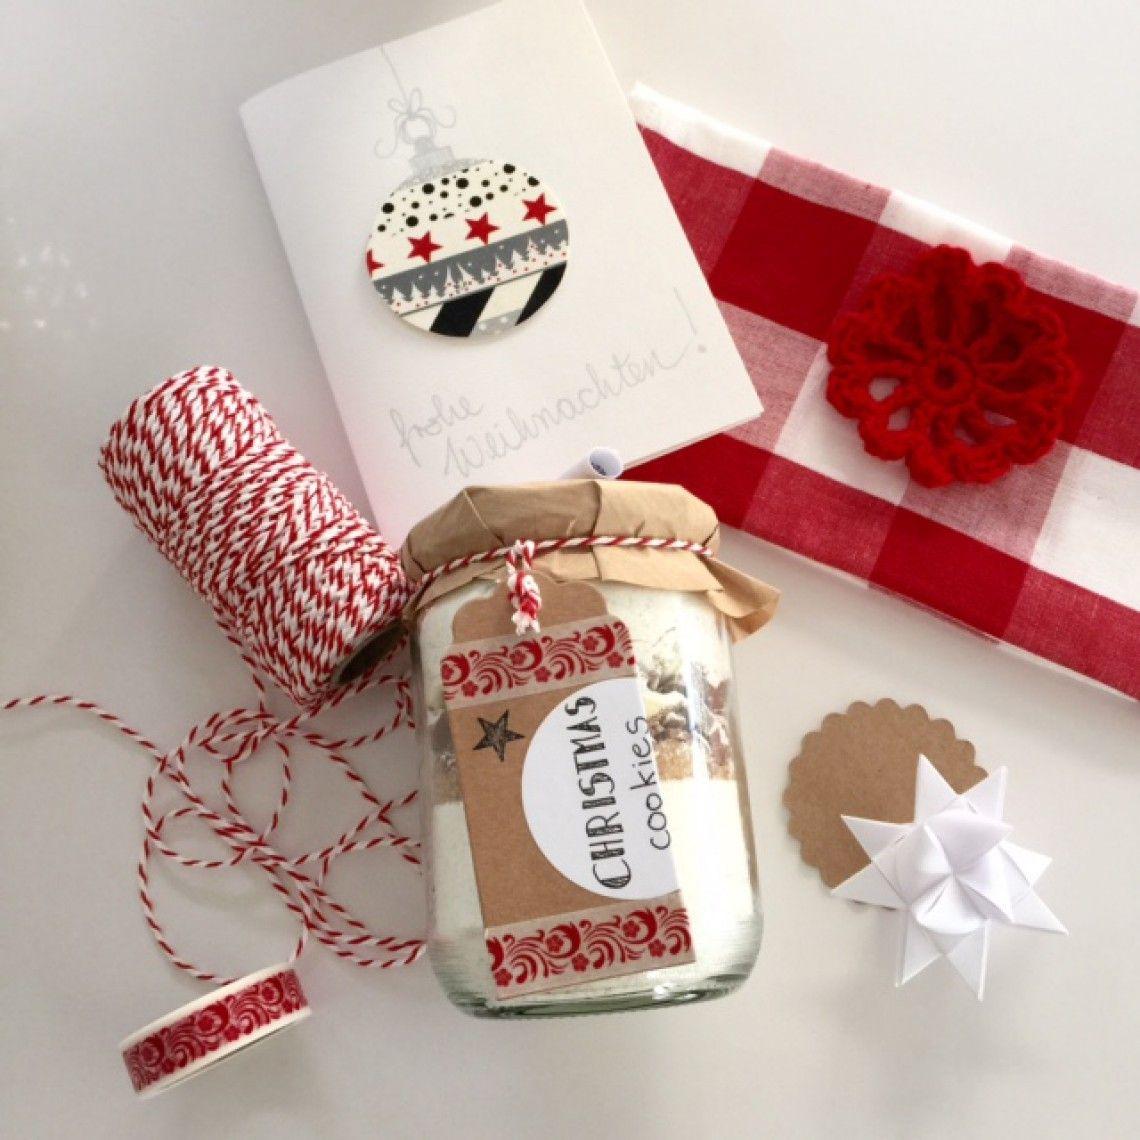 geschenke unter 5 euro zum wichteln und mitbringen geschenke pinterest geschenke wichteln. Black Bedroom Furniture Sets. Home Design Ideas